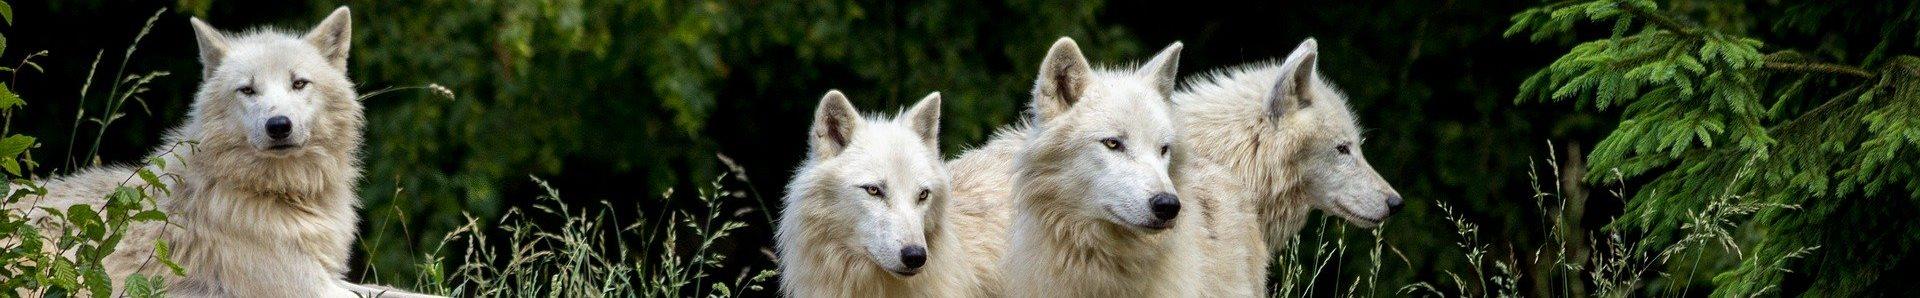 Bandeau Les Ptits Loups wolves 3785362 1920